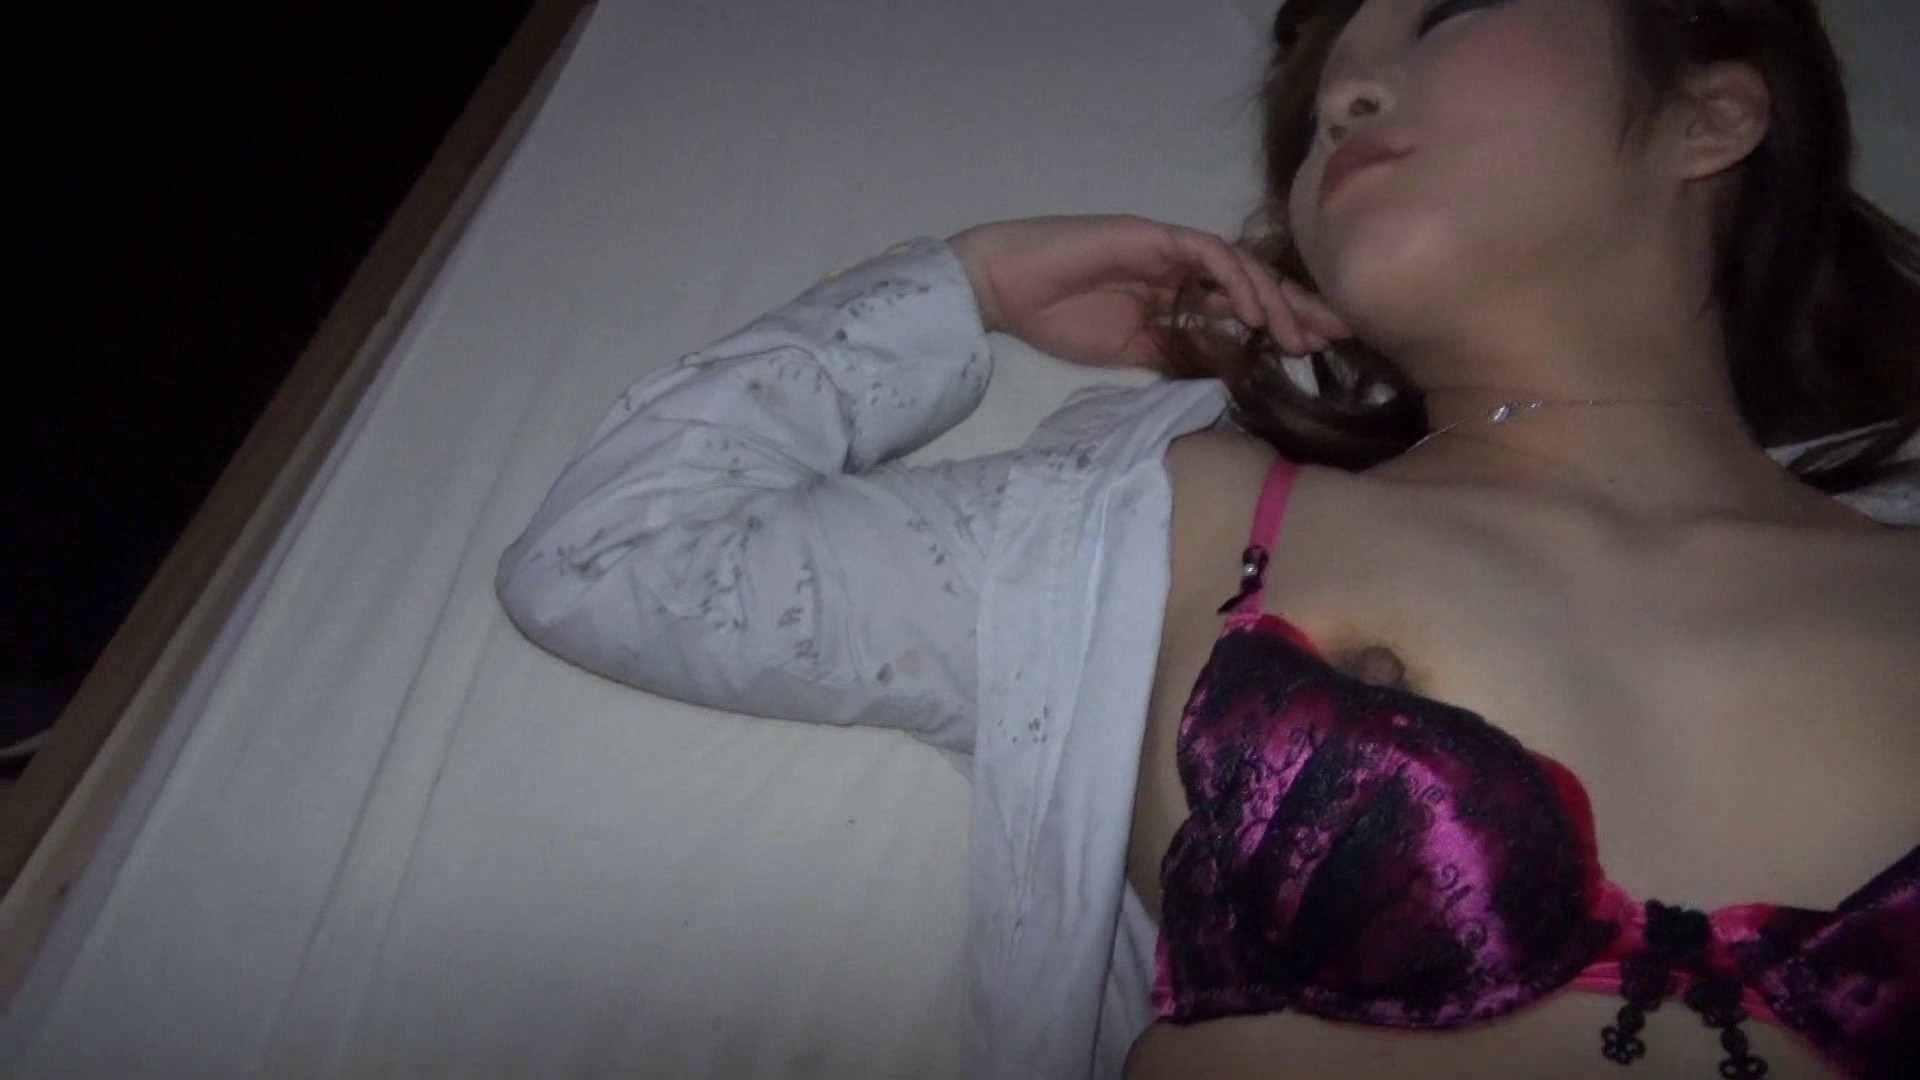 おしえてギャル子のH塾 Vol.08 後編 一般投稿 盗み撮り動画 93枚 63